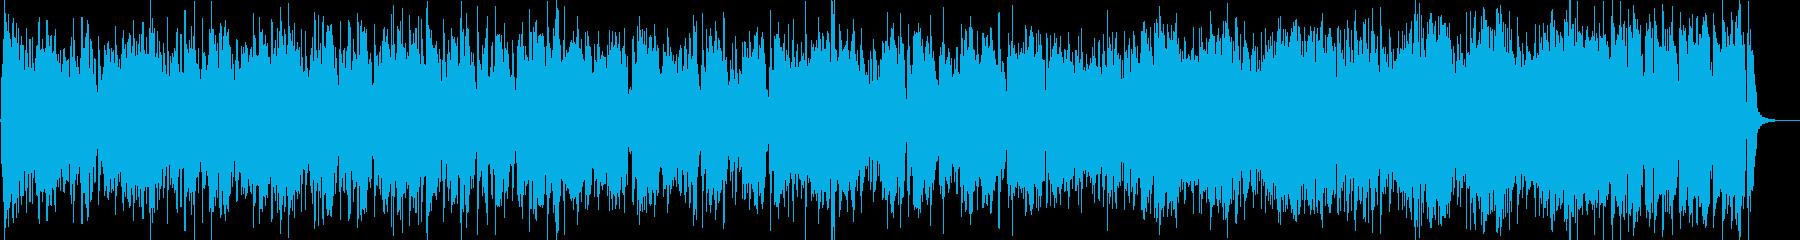 速く、エネルギッシュで、独創的で複...の再生済みの波形